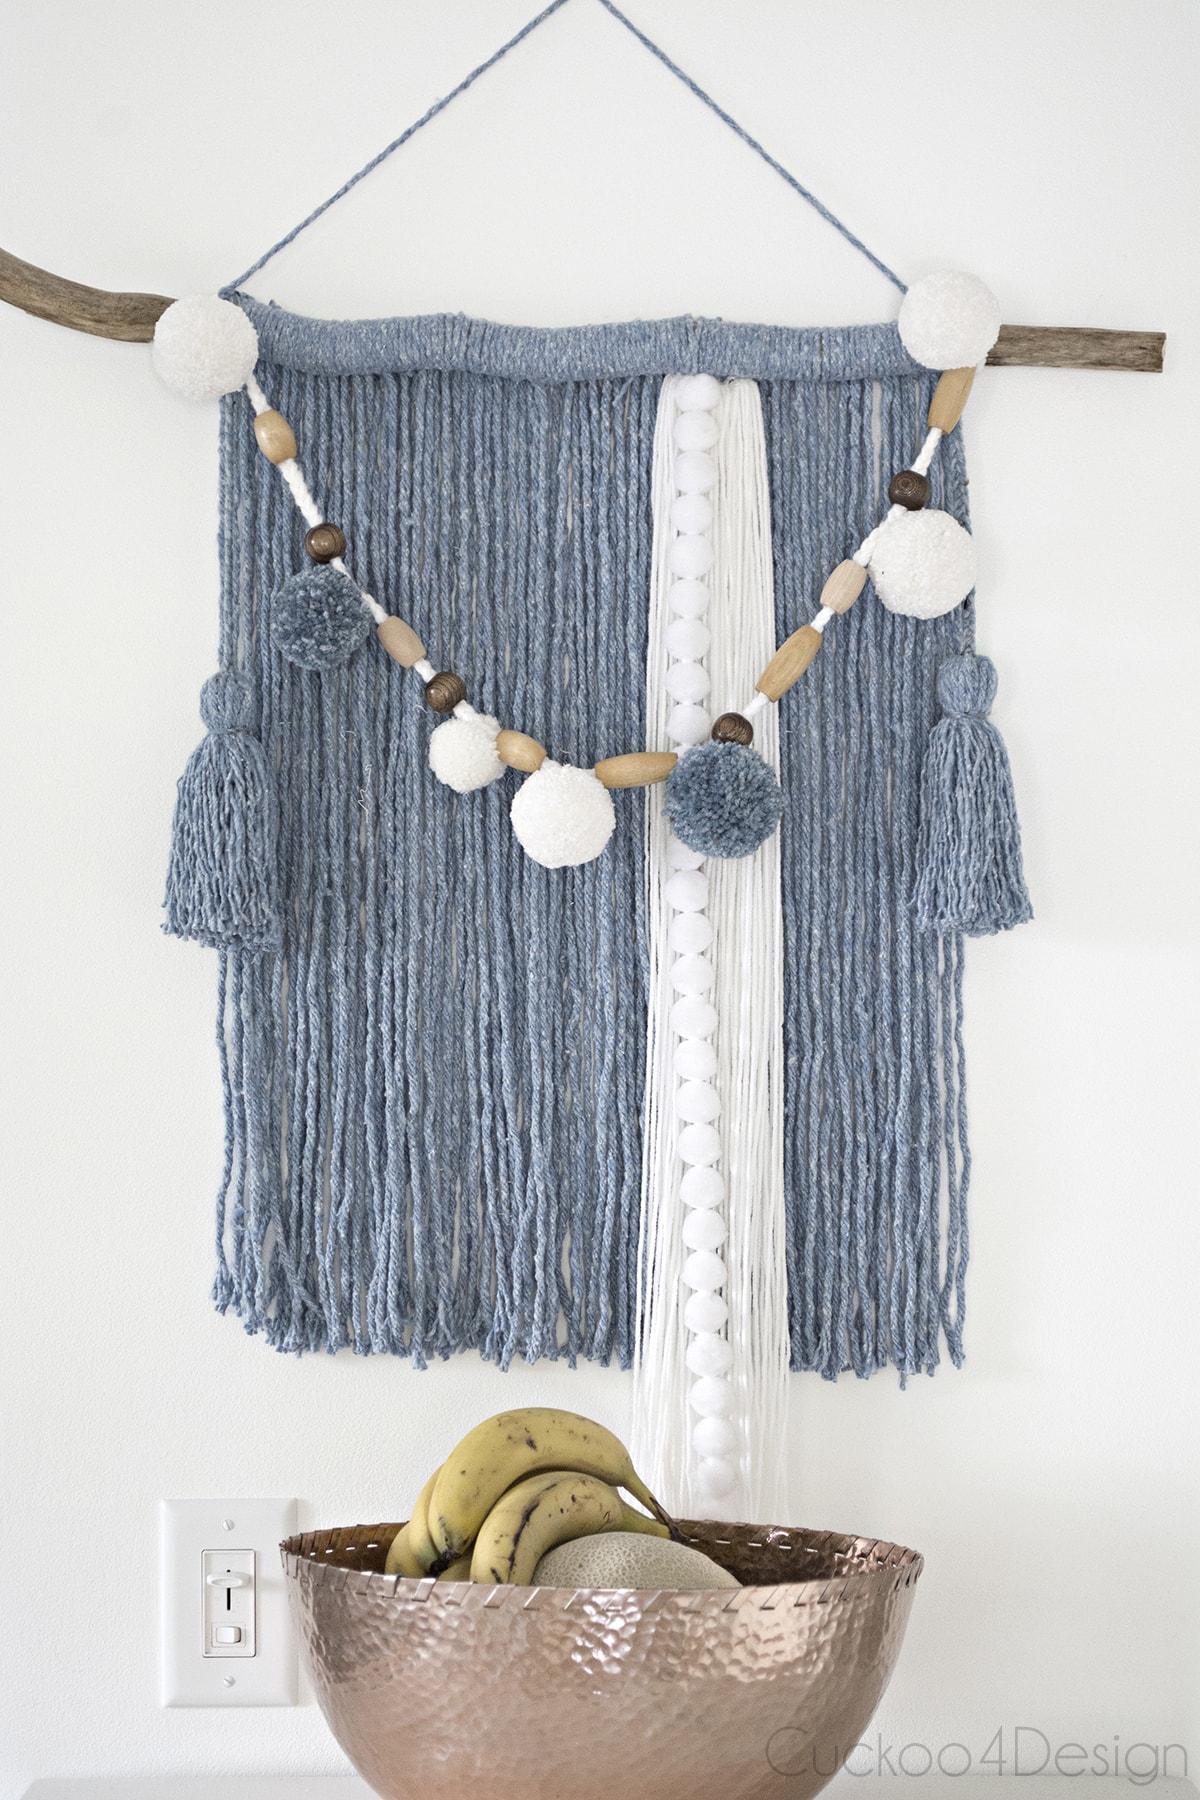 mop head yarn wall hanging DIY